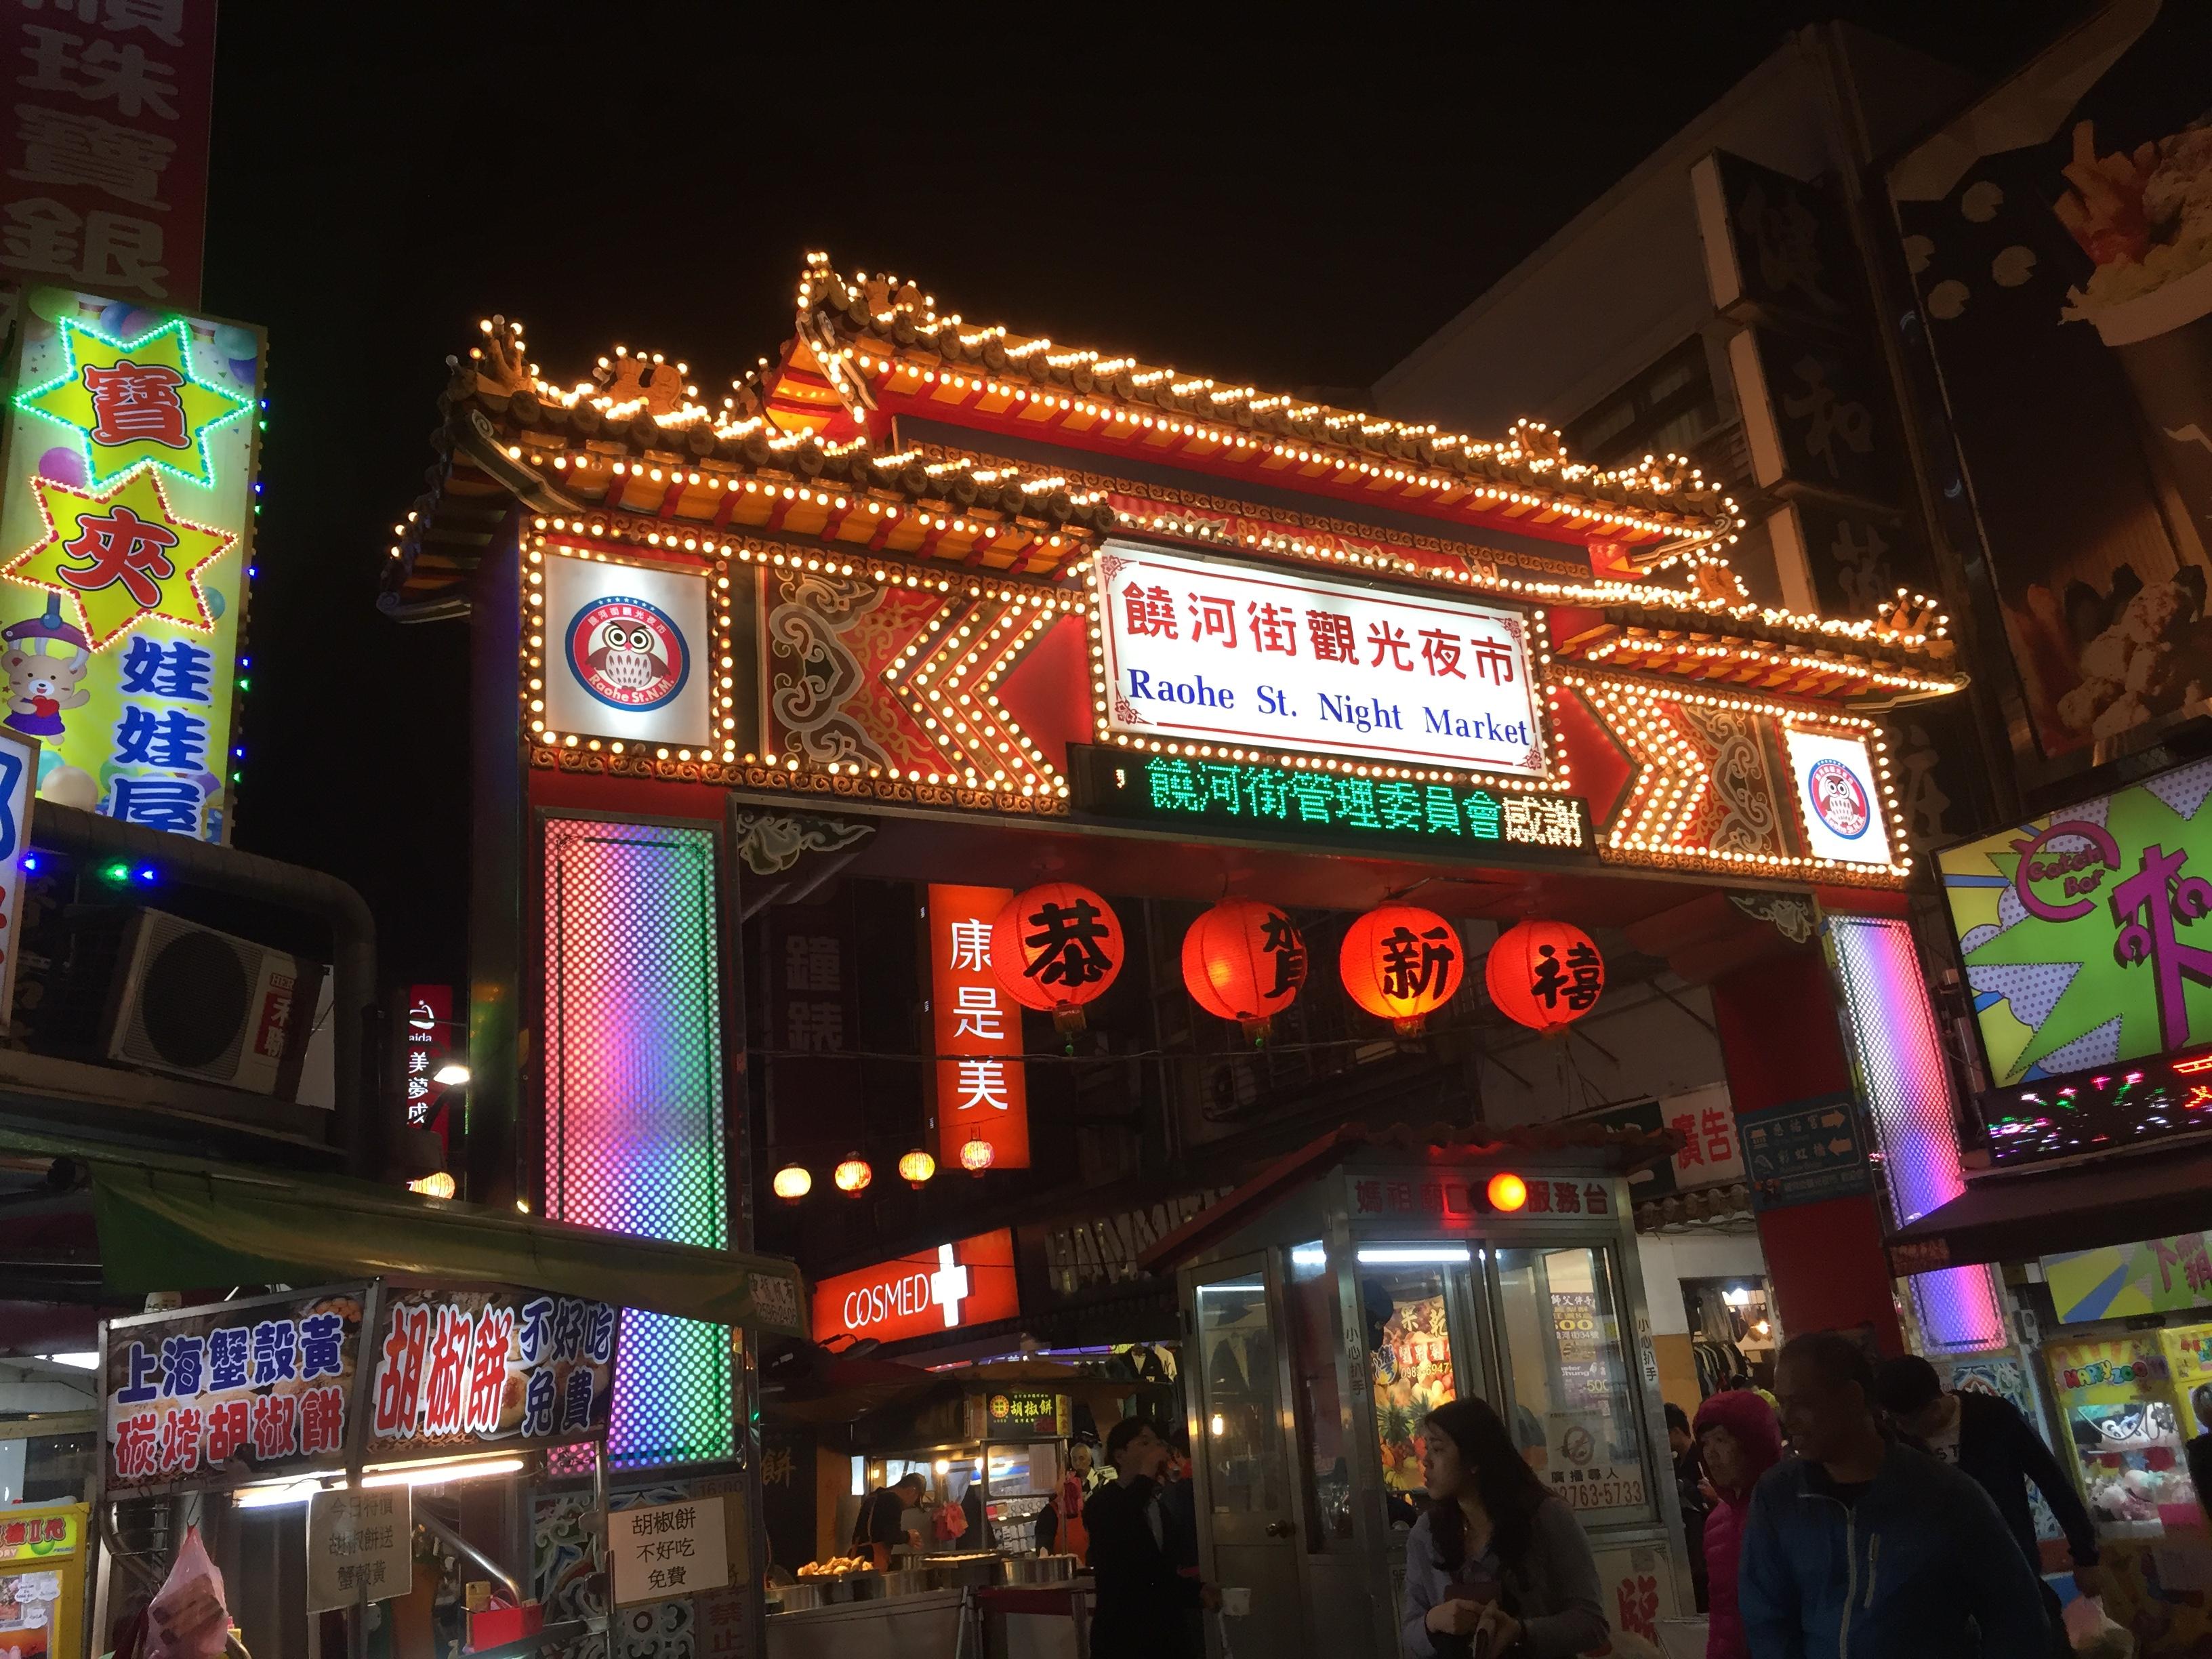 Taiwan- Marché de nuit Raohe - Mekong Evasion - Agence de voyages à Lyon spécialiste de l'Asie